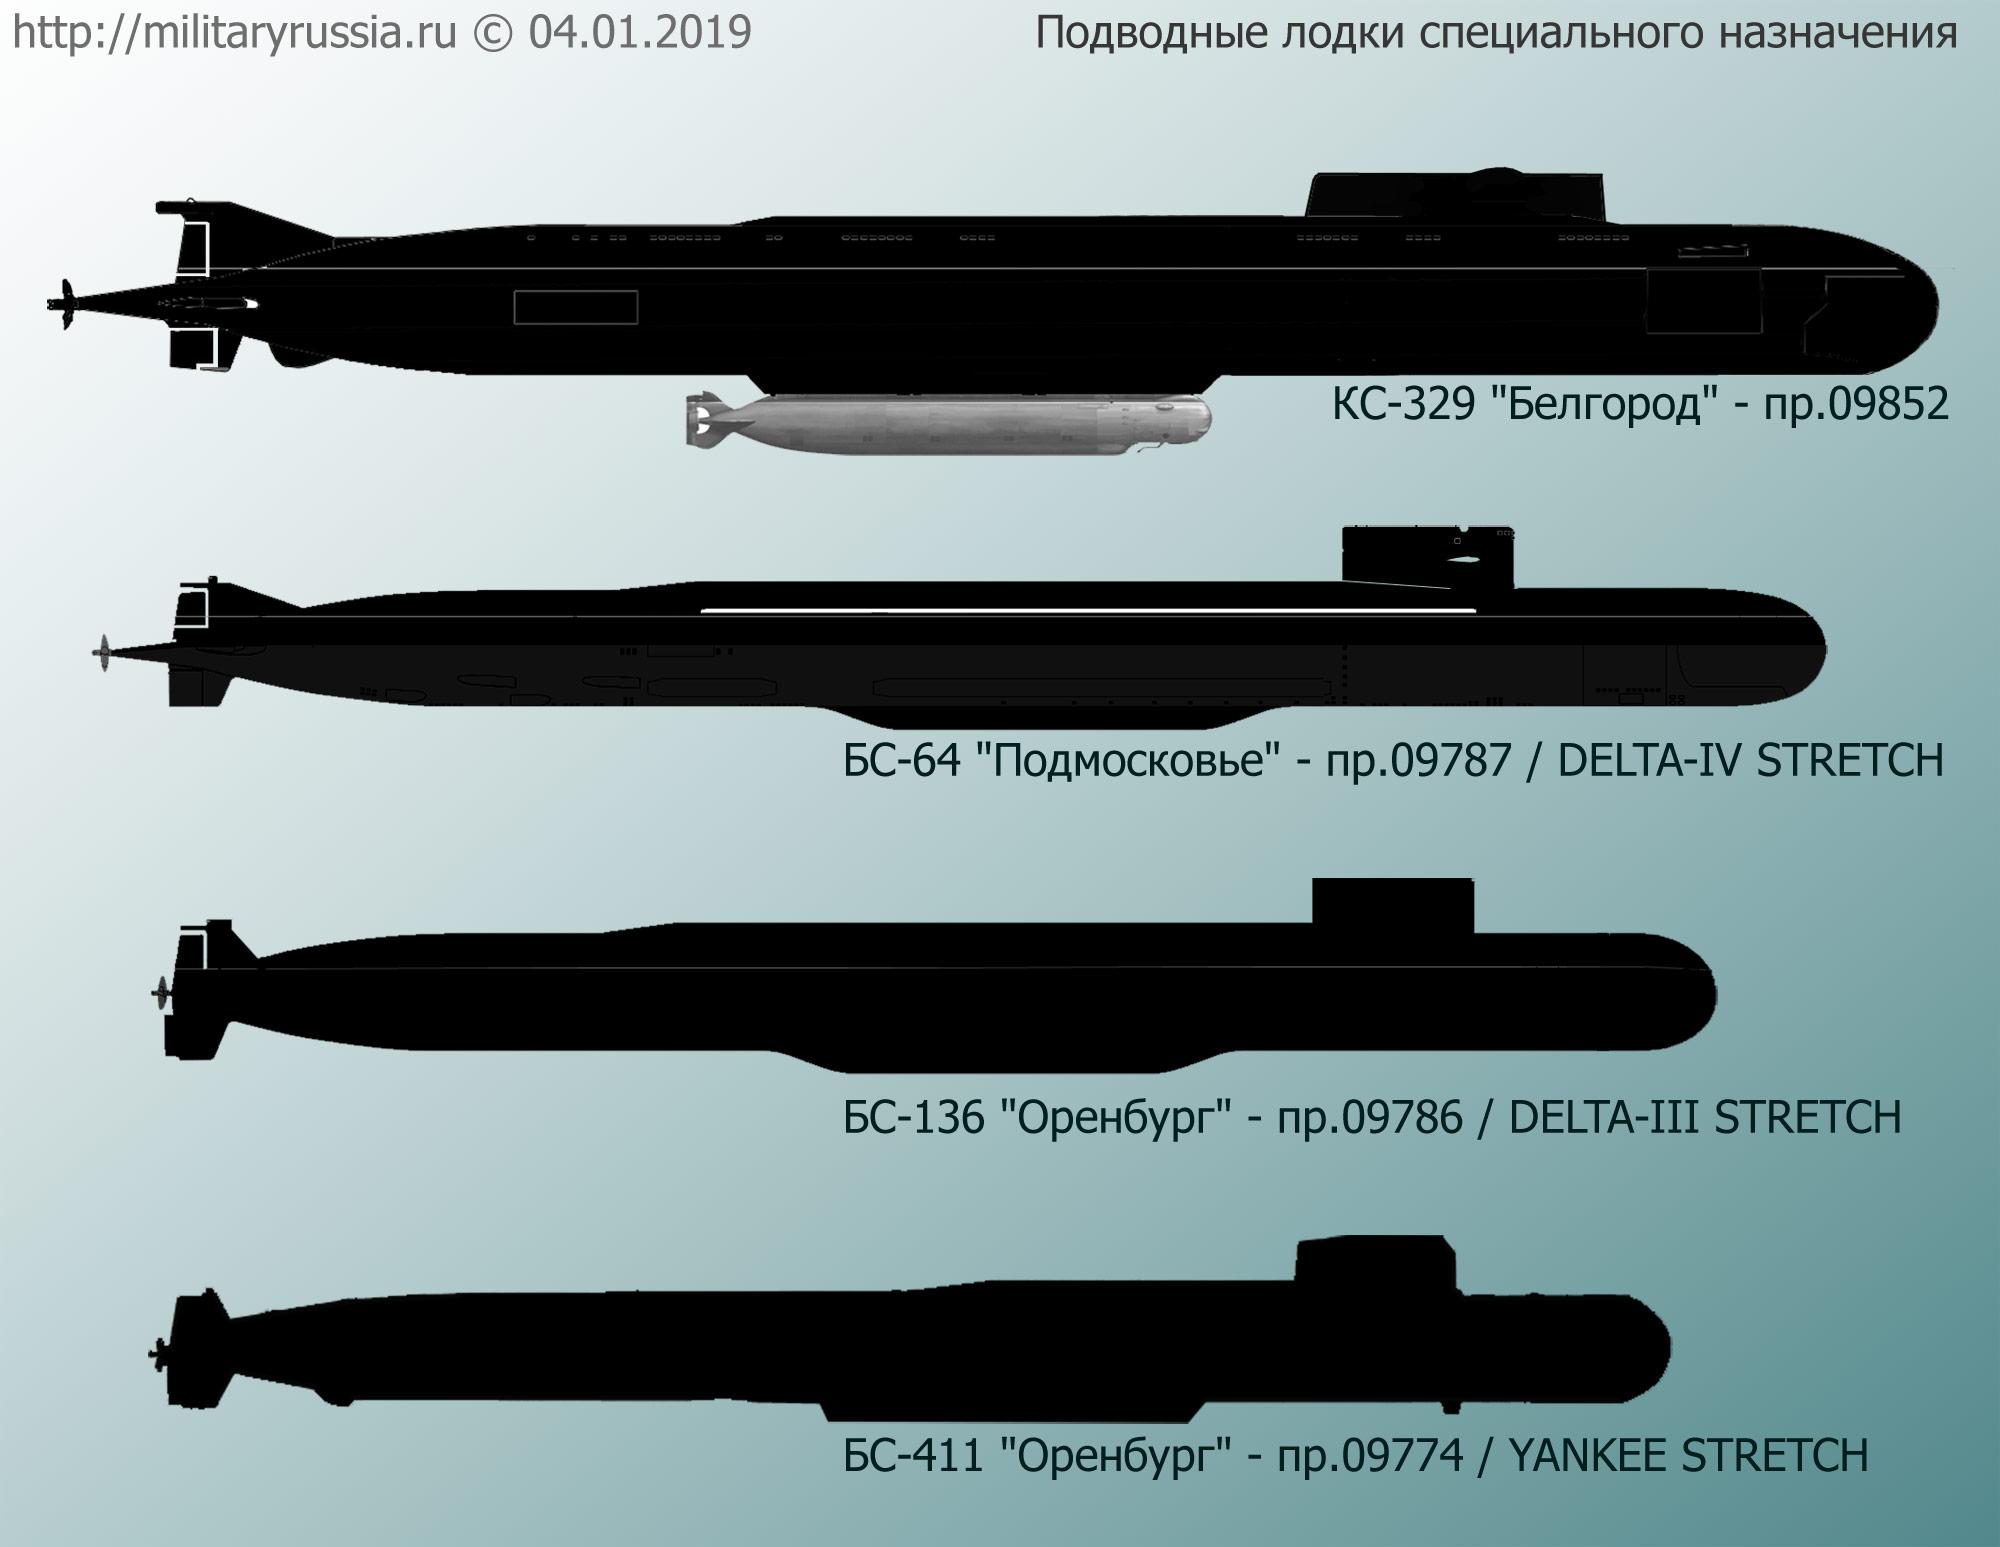 """Projet 09852 """"BELGOROD""""   WNEvv"""